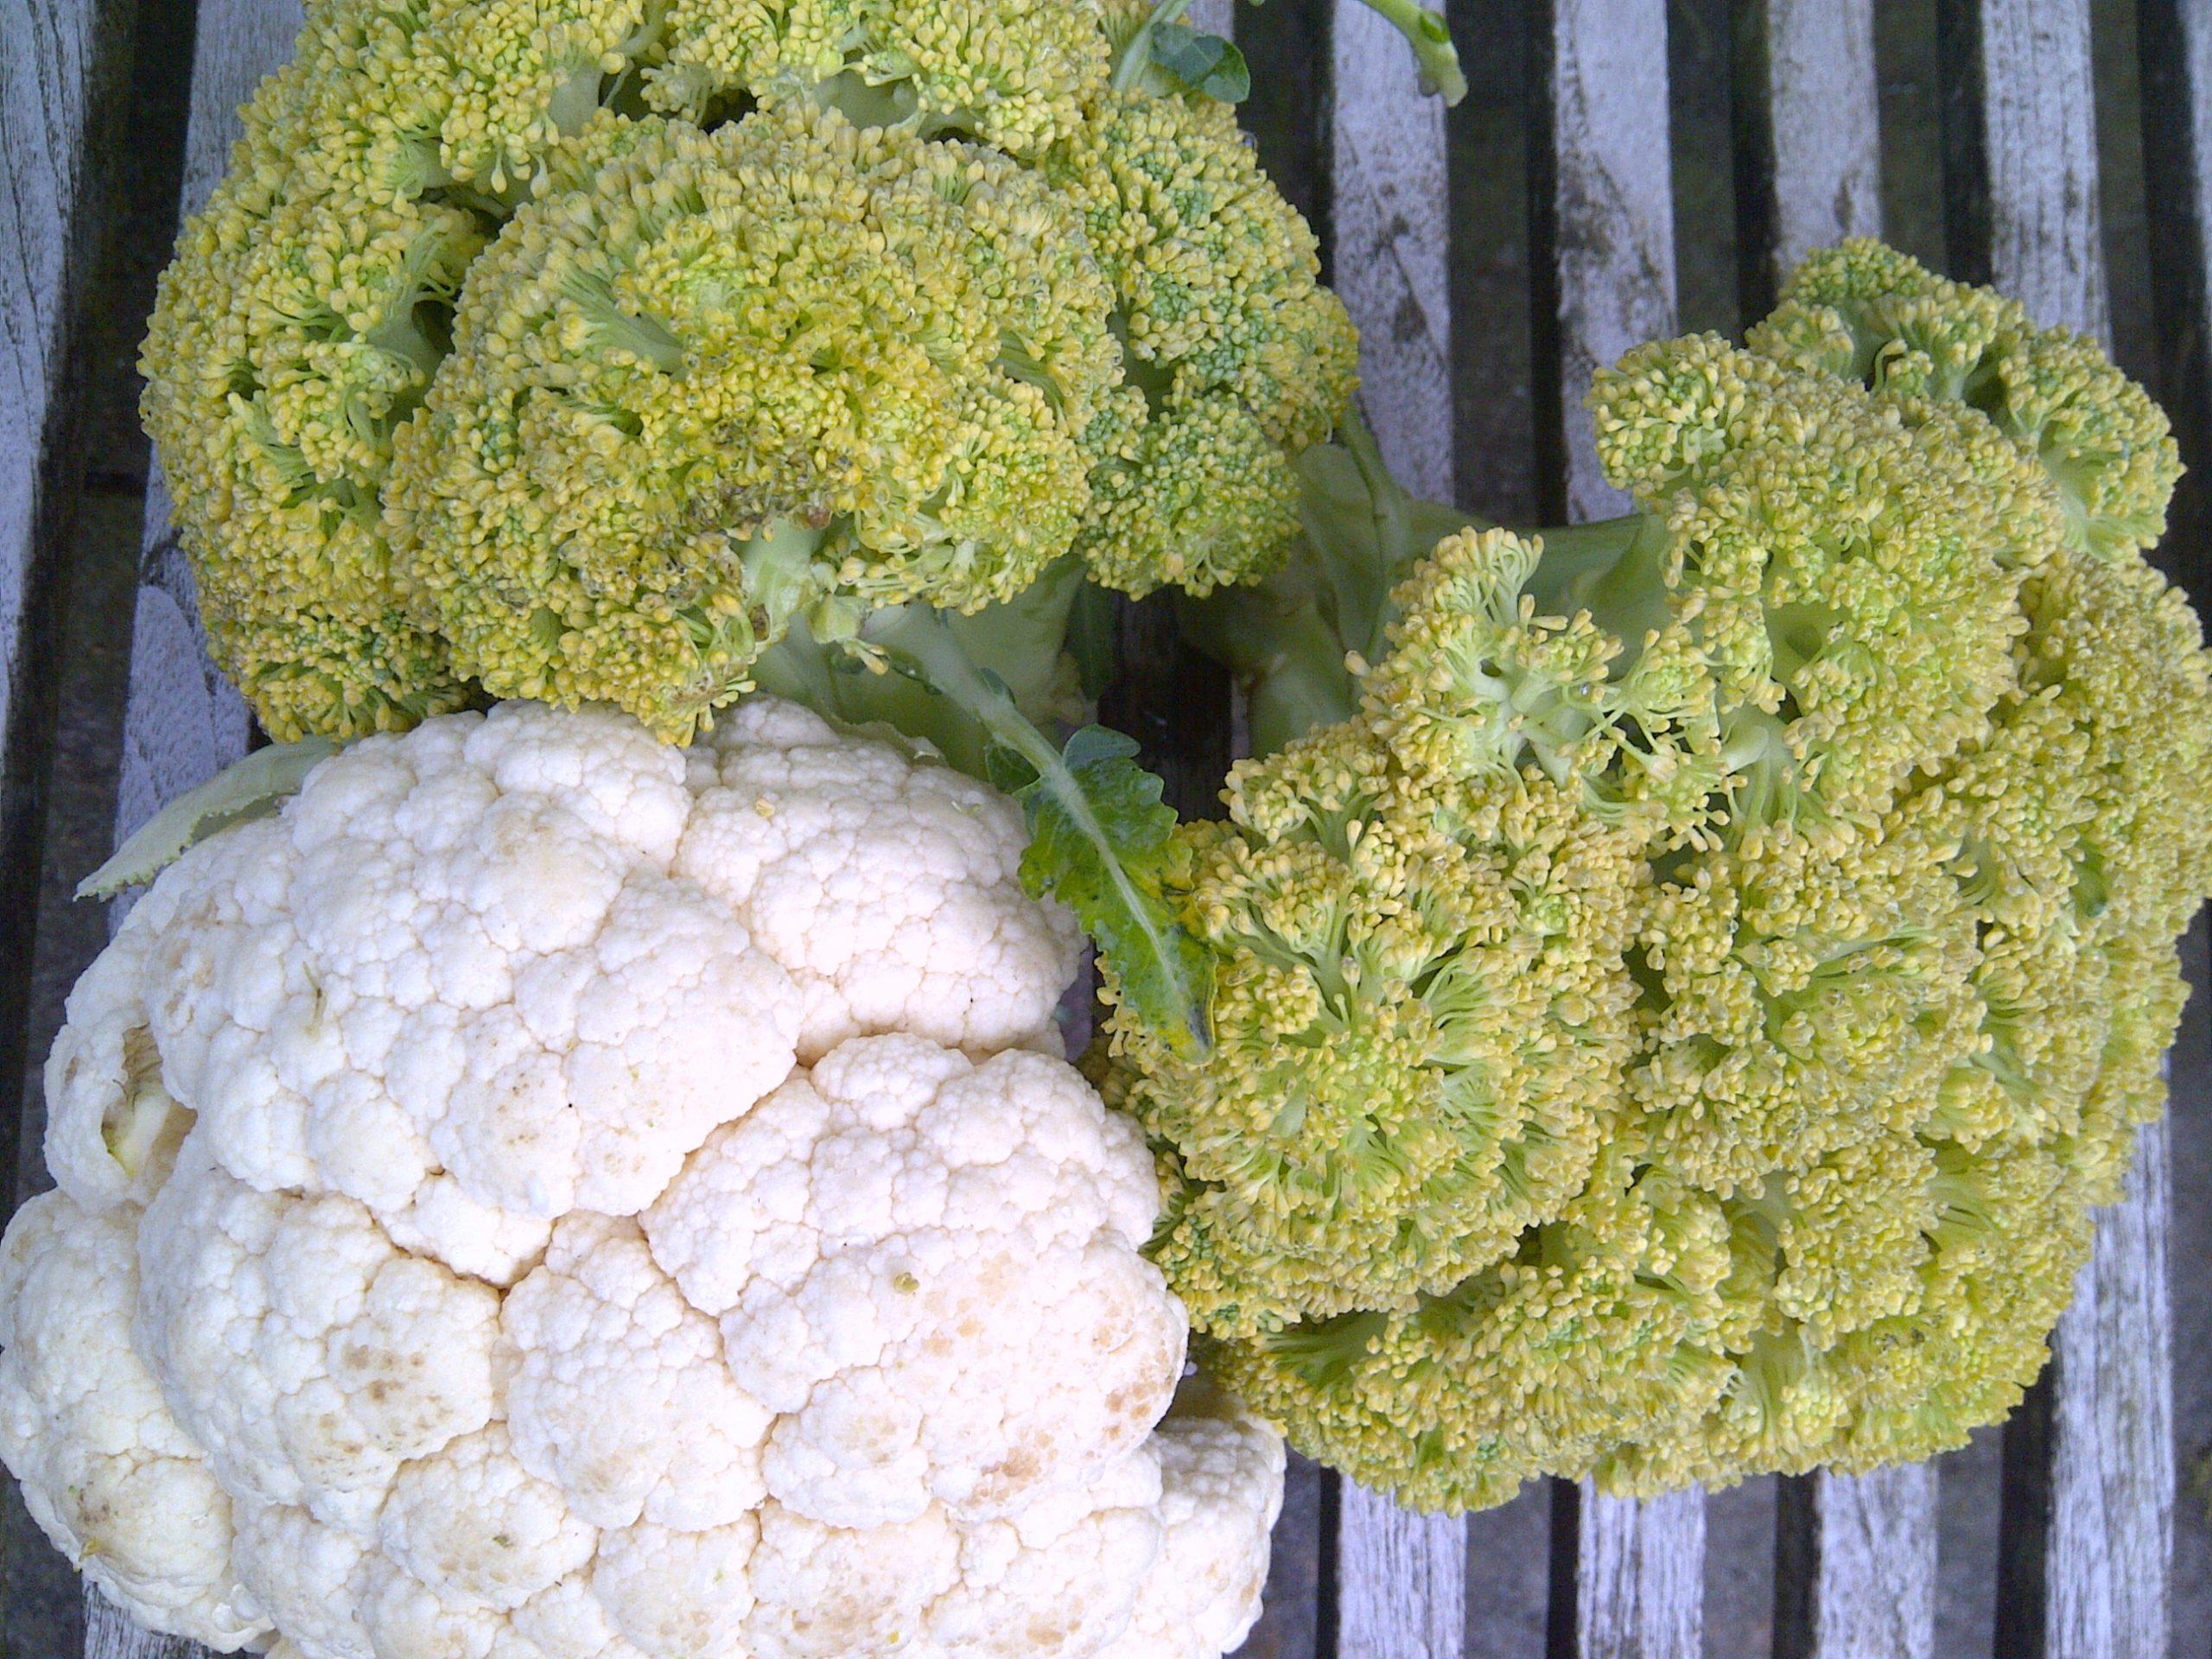 Beter bloemkool en broccoli 1 mei 2014